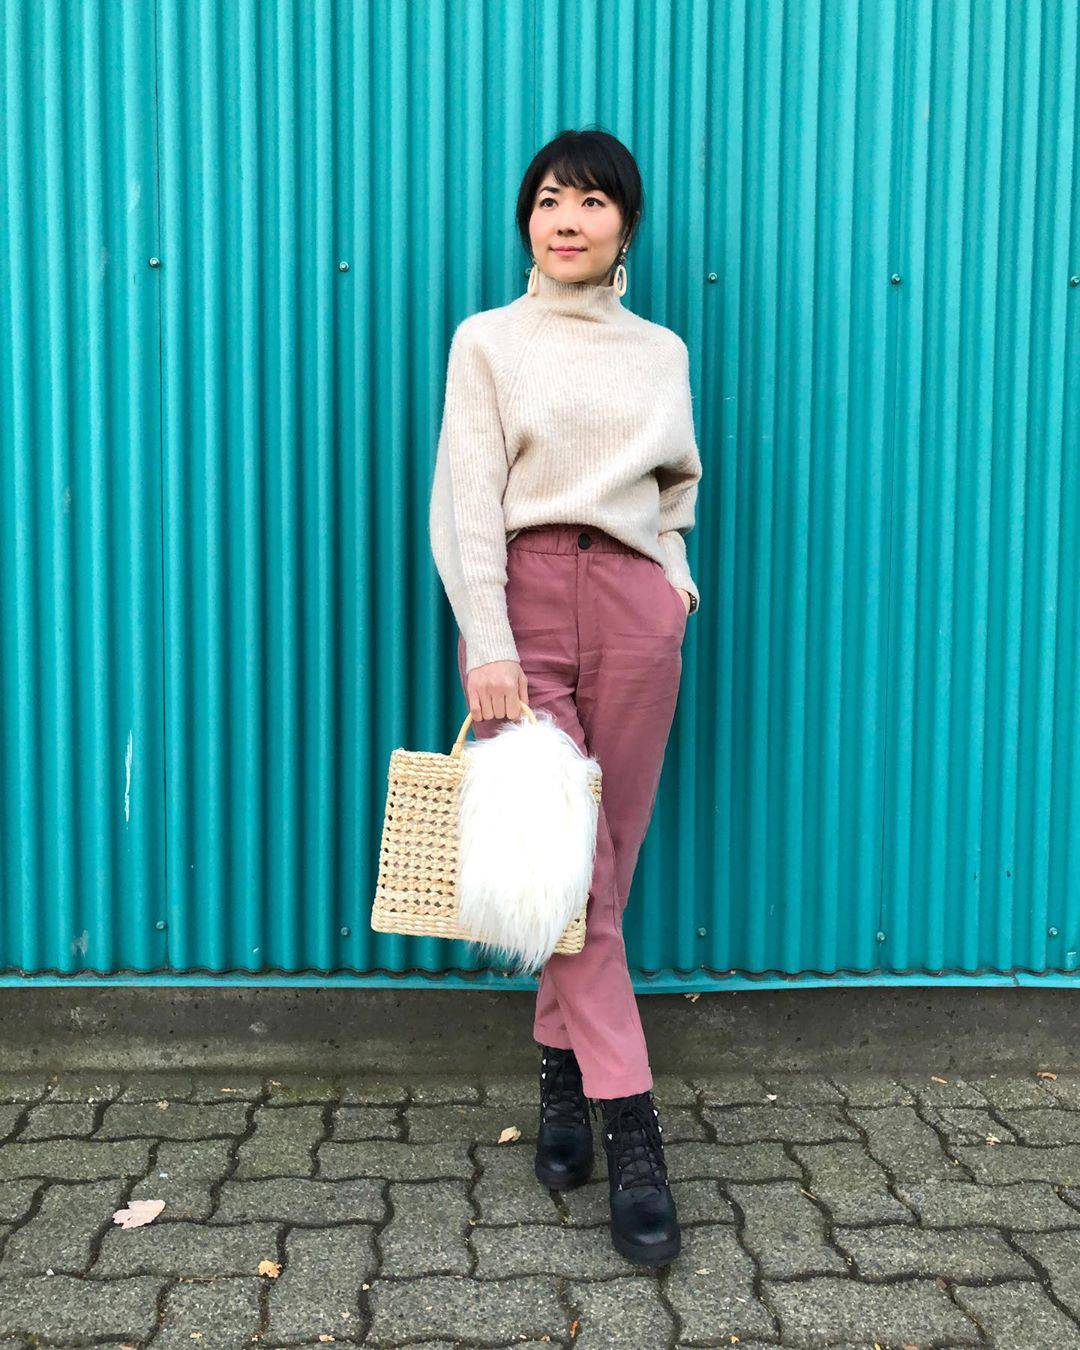 最高気温22度・最低気温14度 i.styleclosetの服装